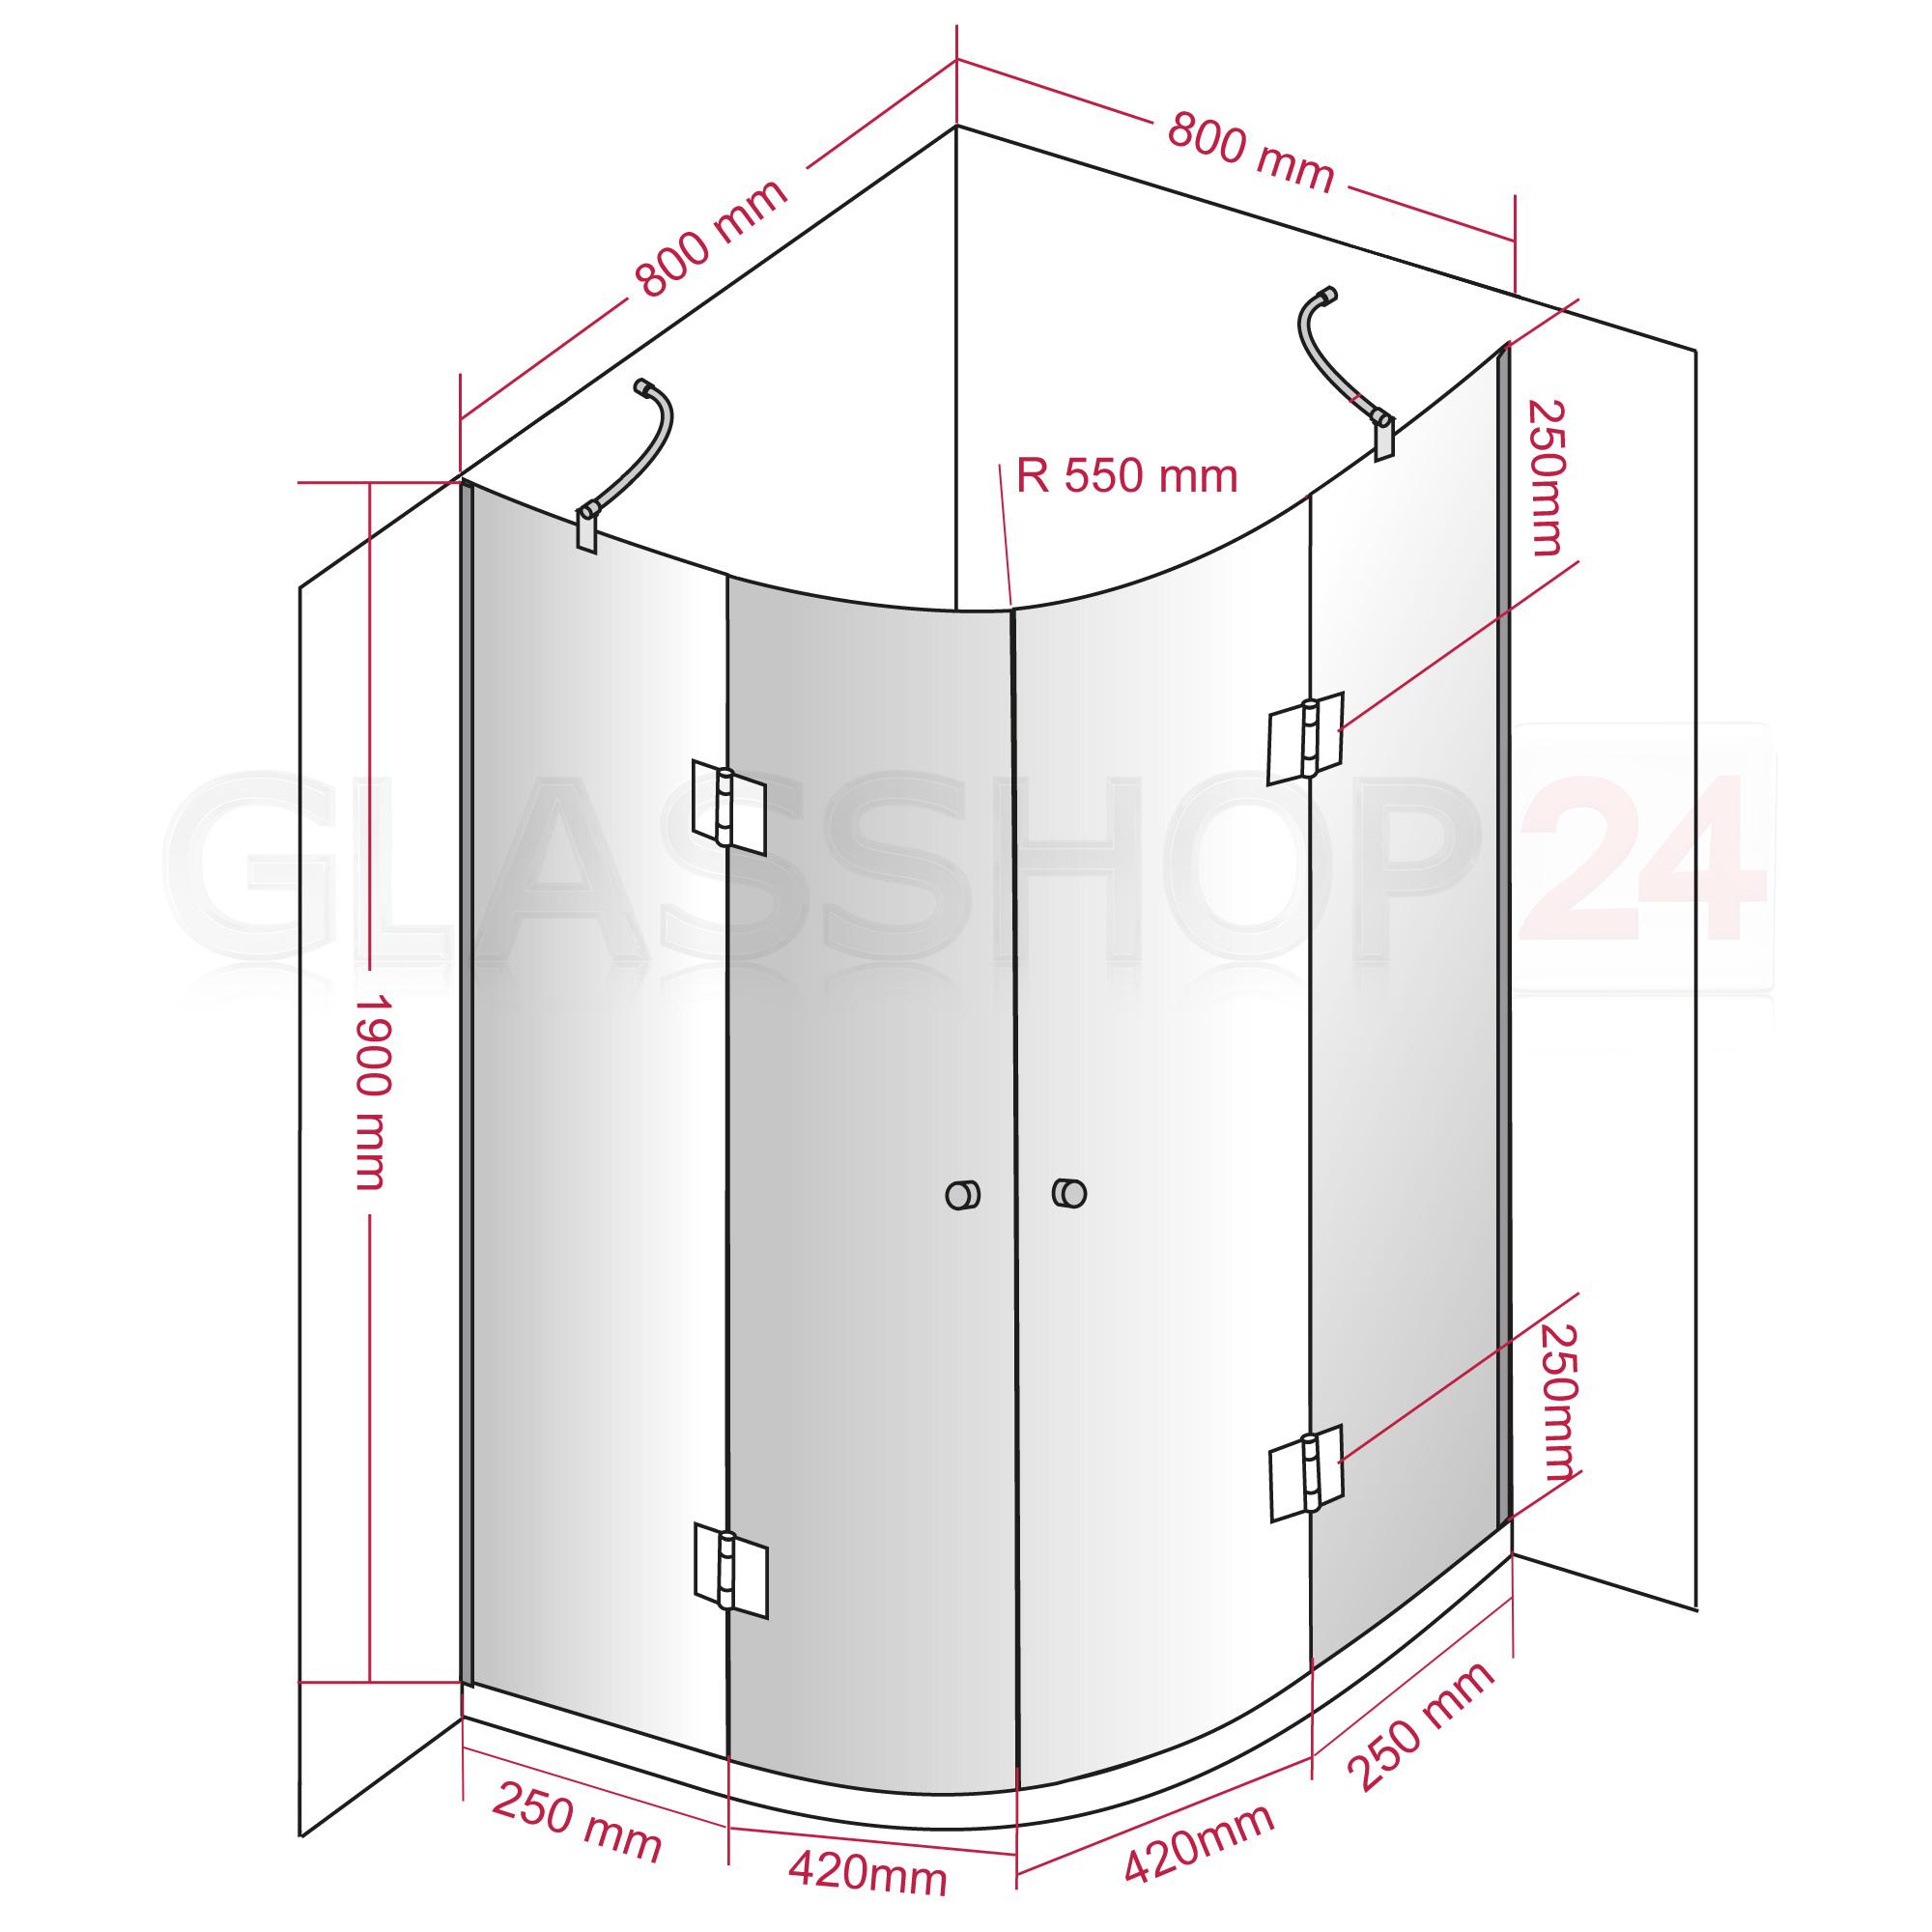 Offene Dusche Ma?e : -Duschkabine-Viertelkreis-Duschabtrennung-rund-Echtglas-NANO-Dusche